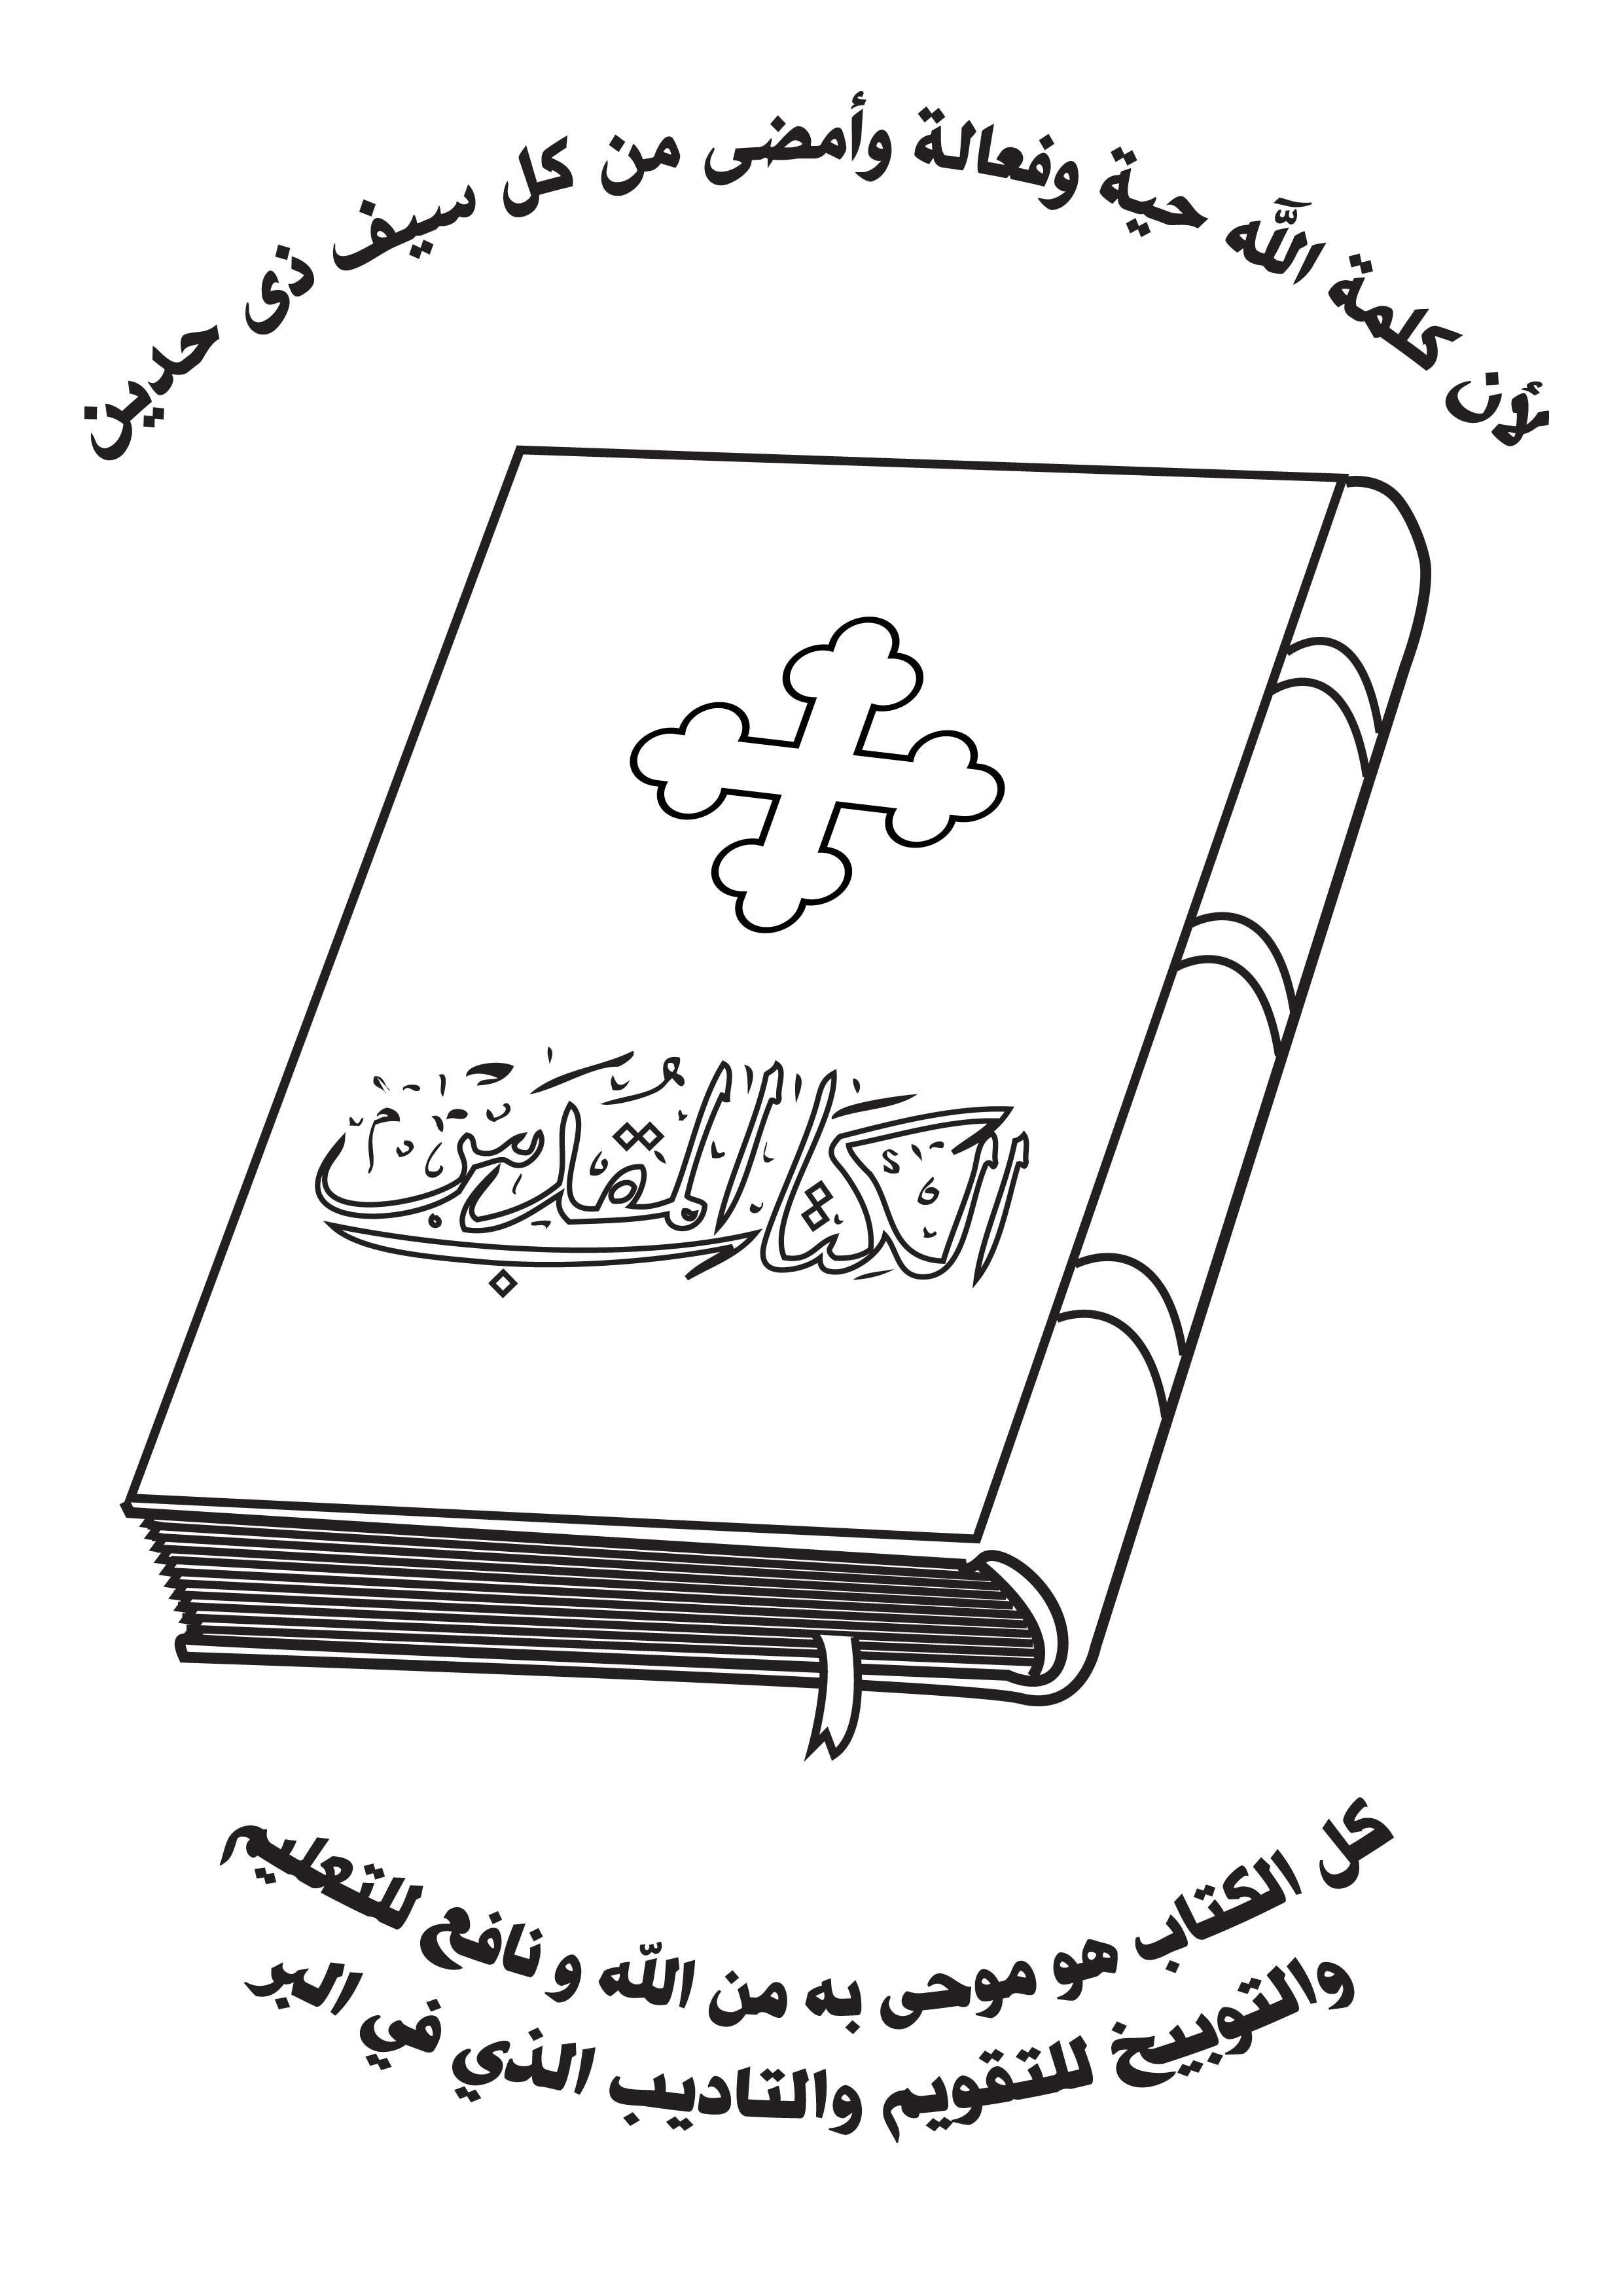 سفر أخنوخ pdf